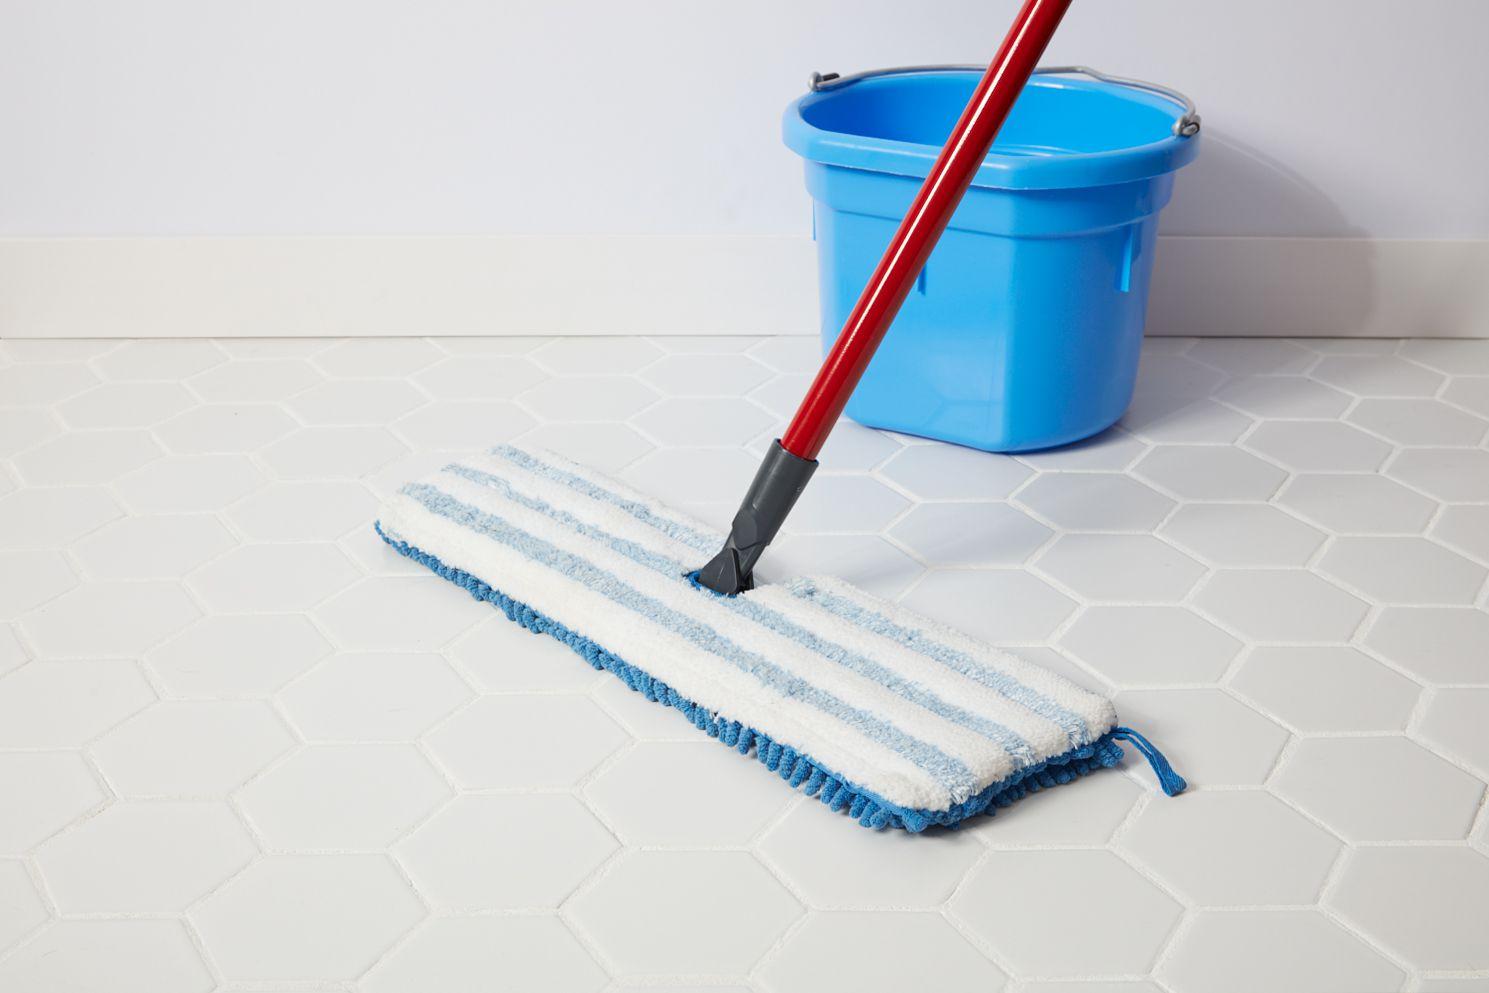 Microfiber mop on glazed tile